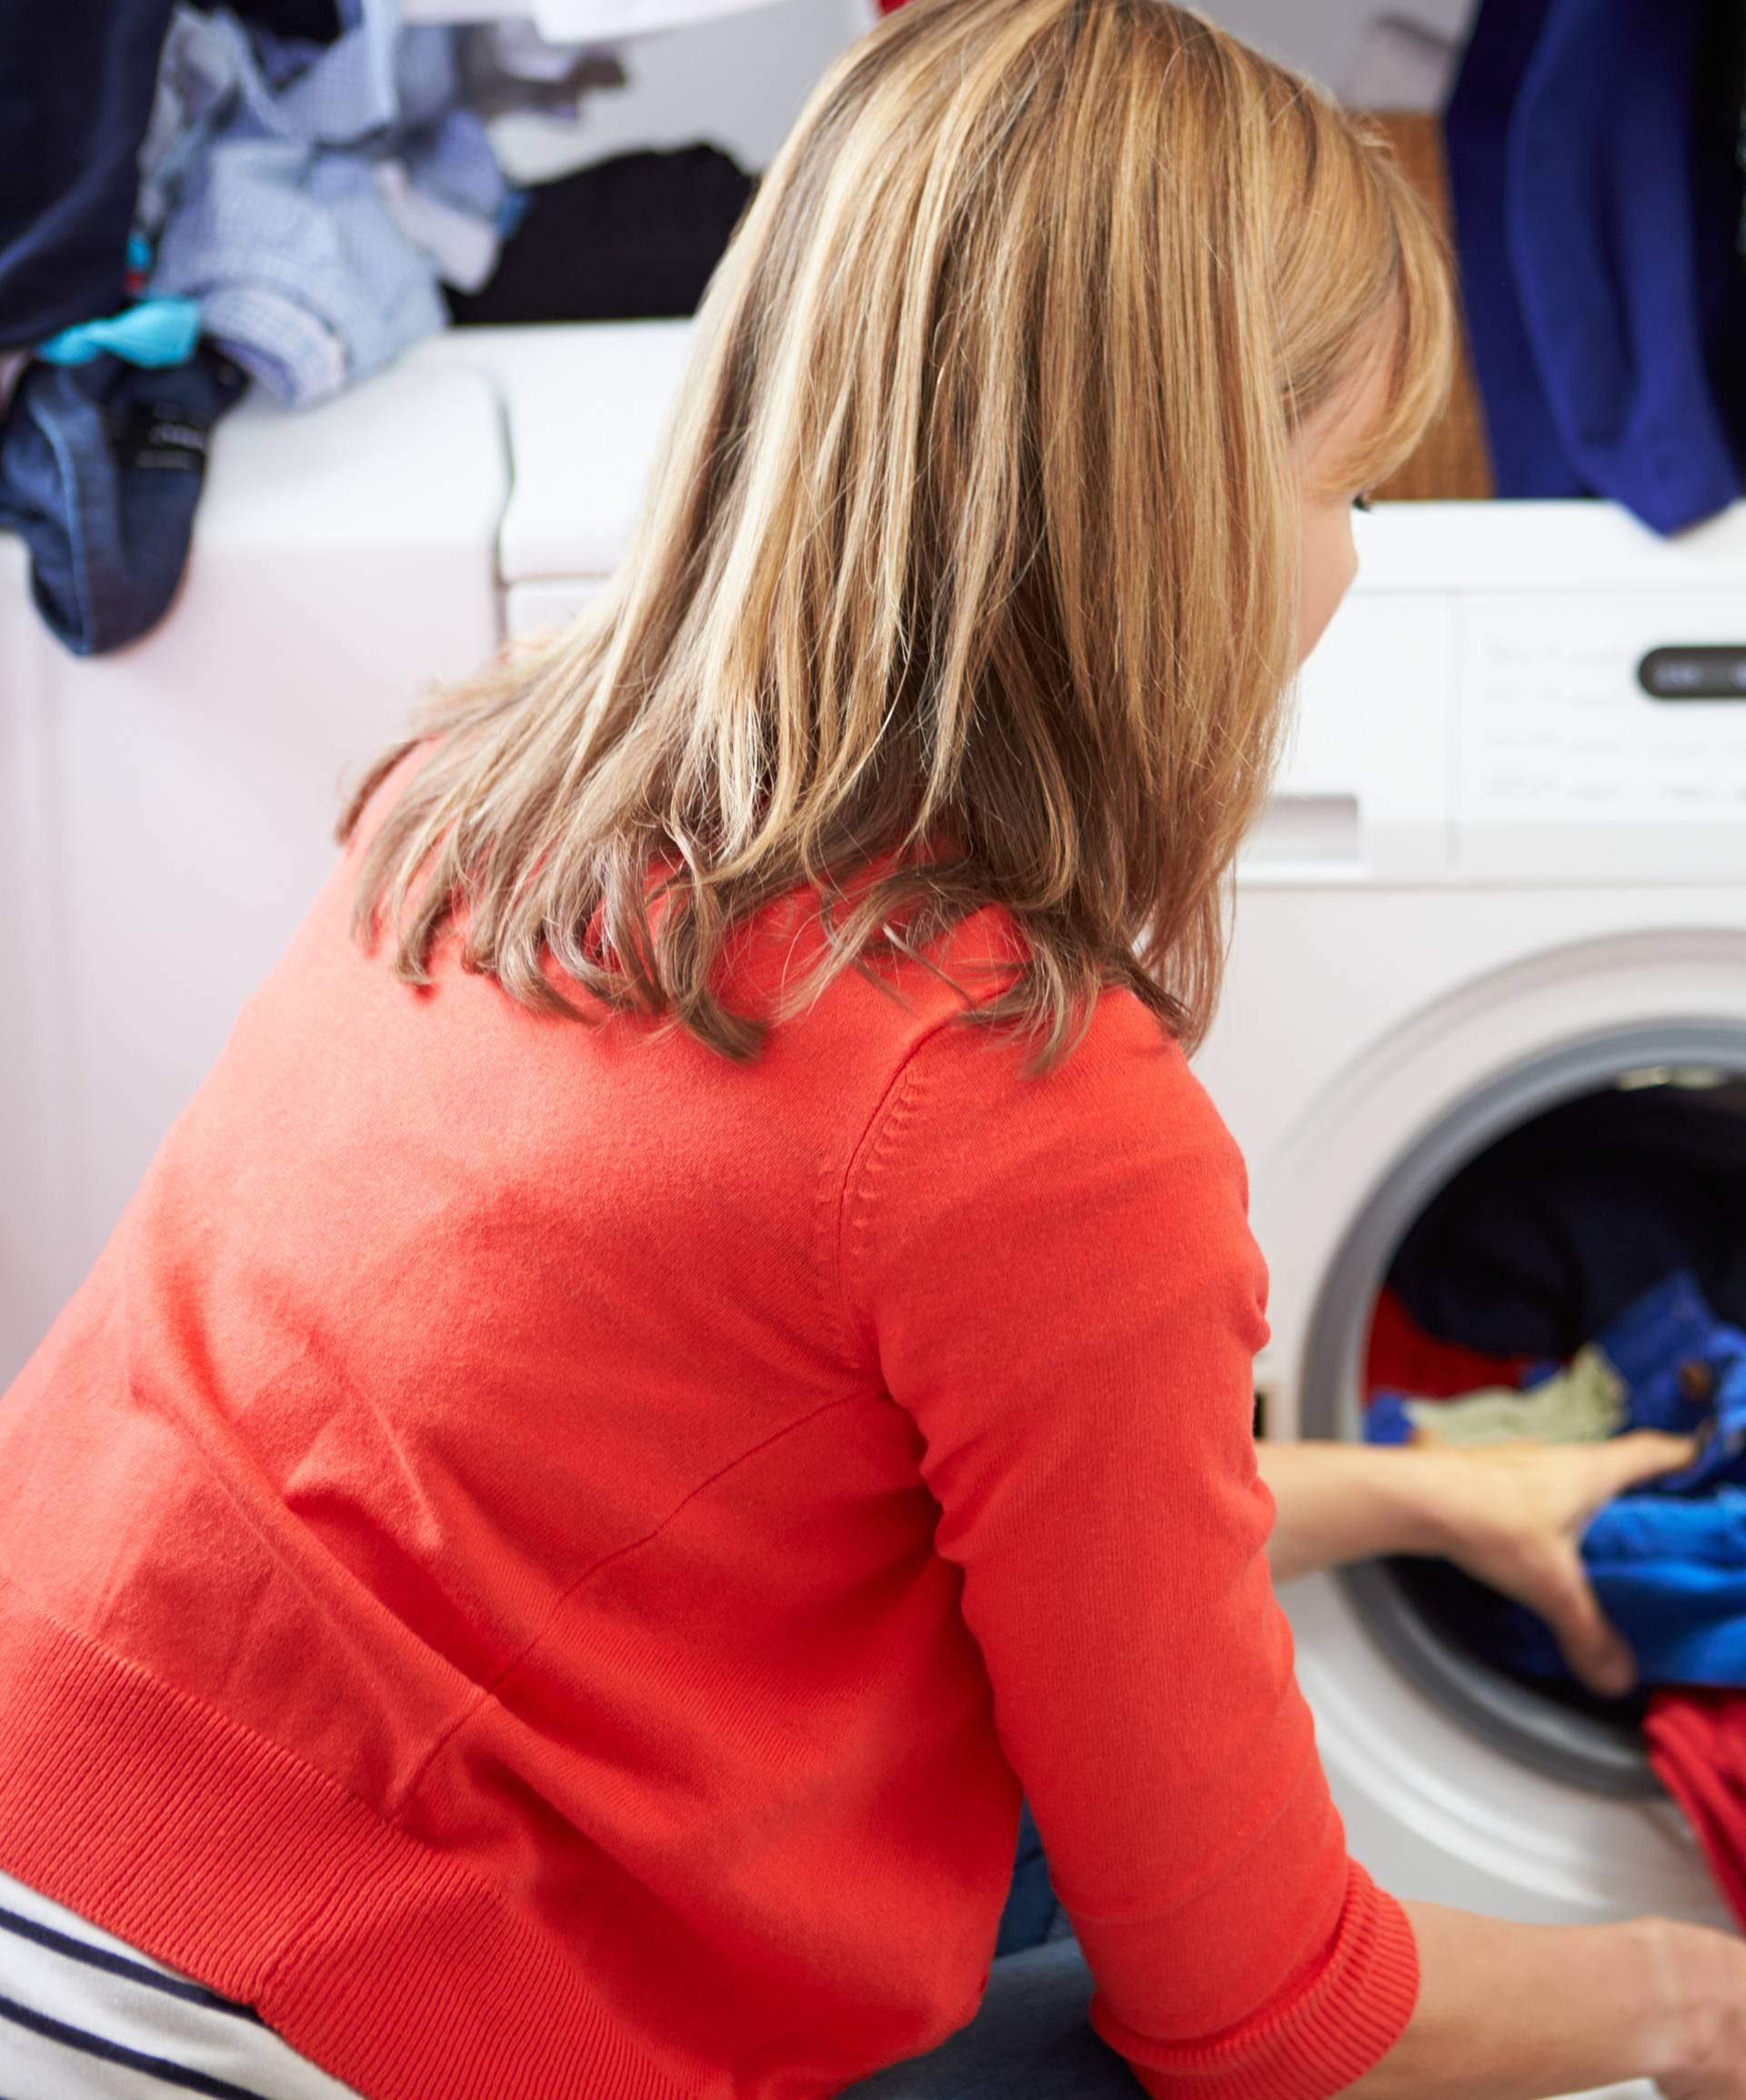 Ovih 11 stvari baš nikada ne bi trebale završiti u perilici rublja